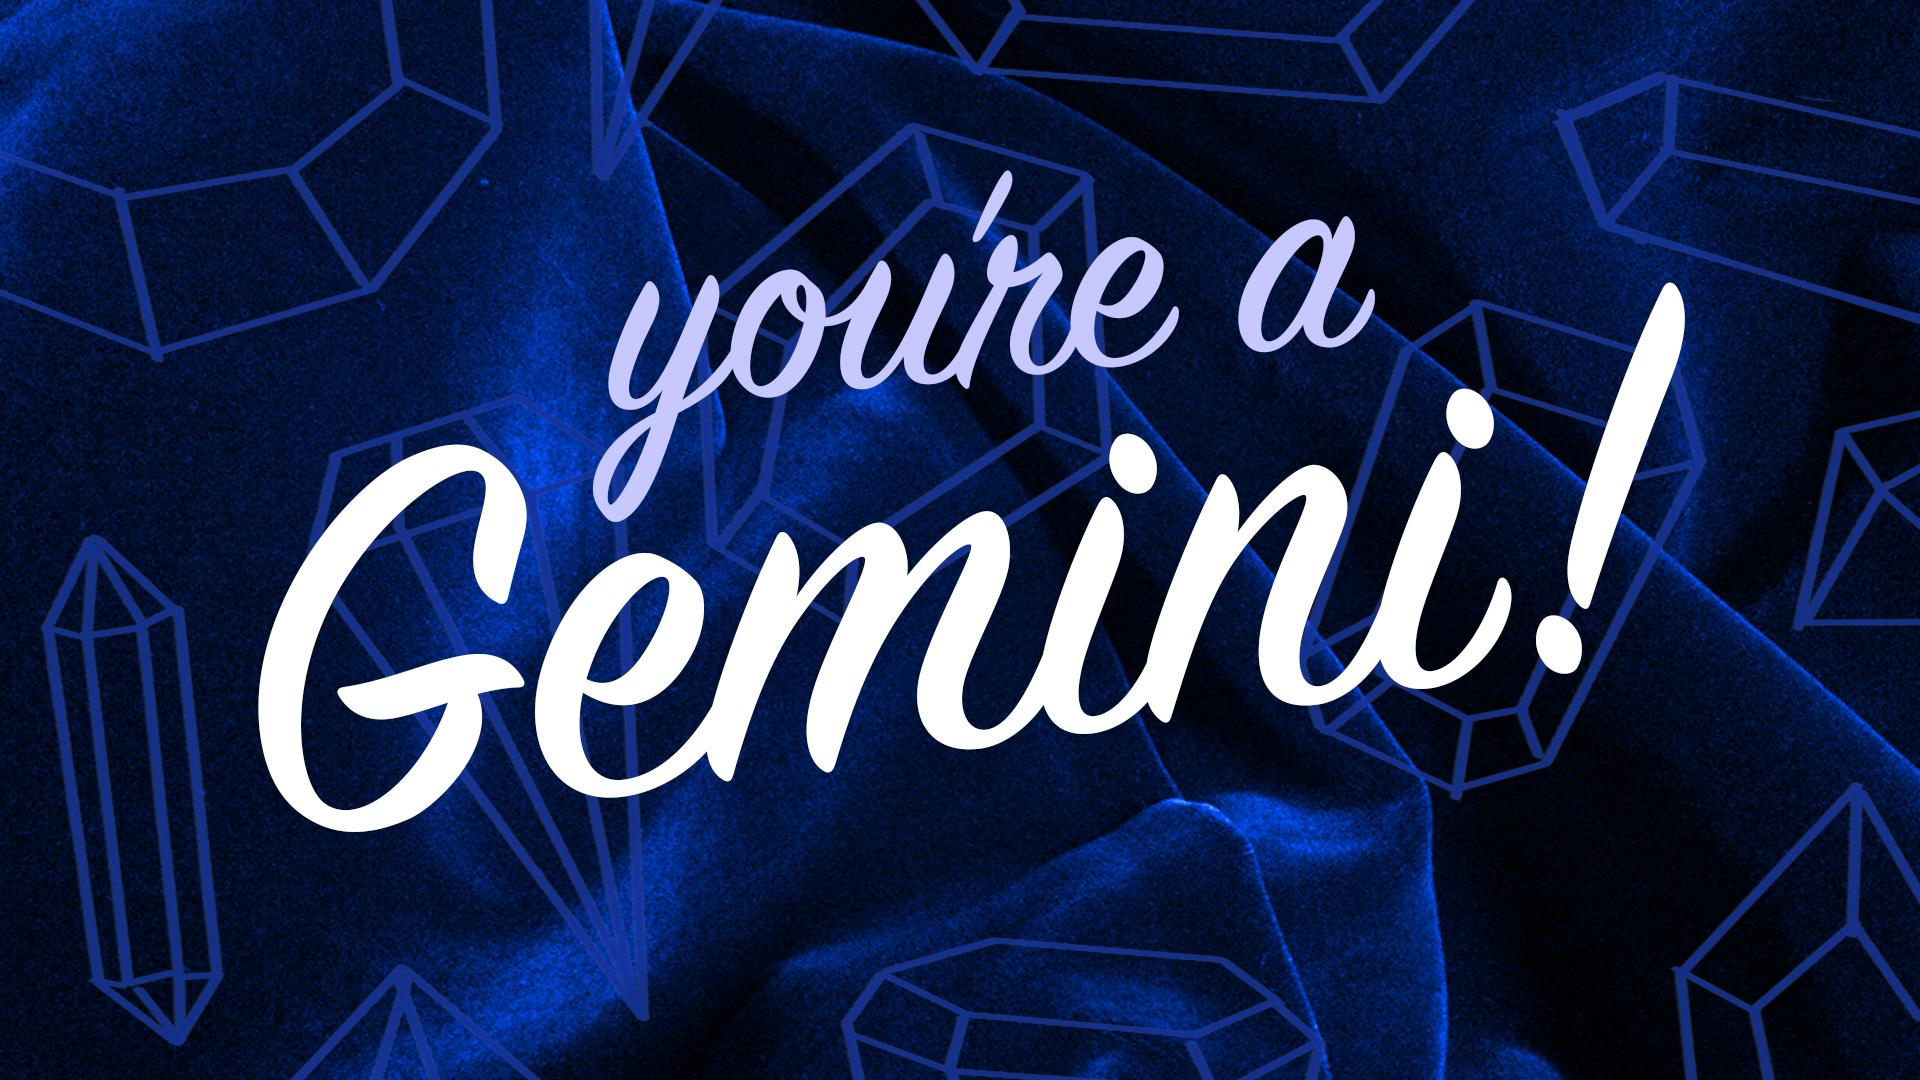 You're a Gemini